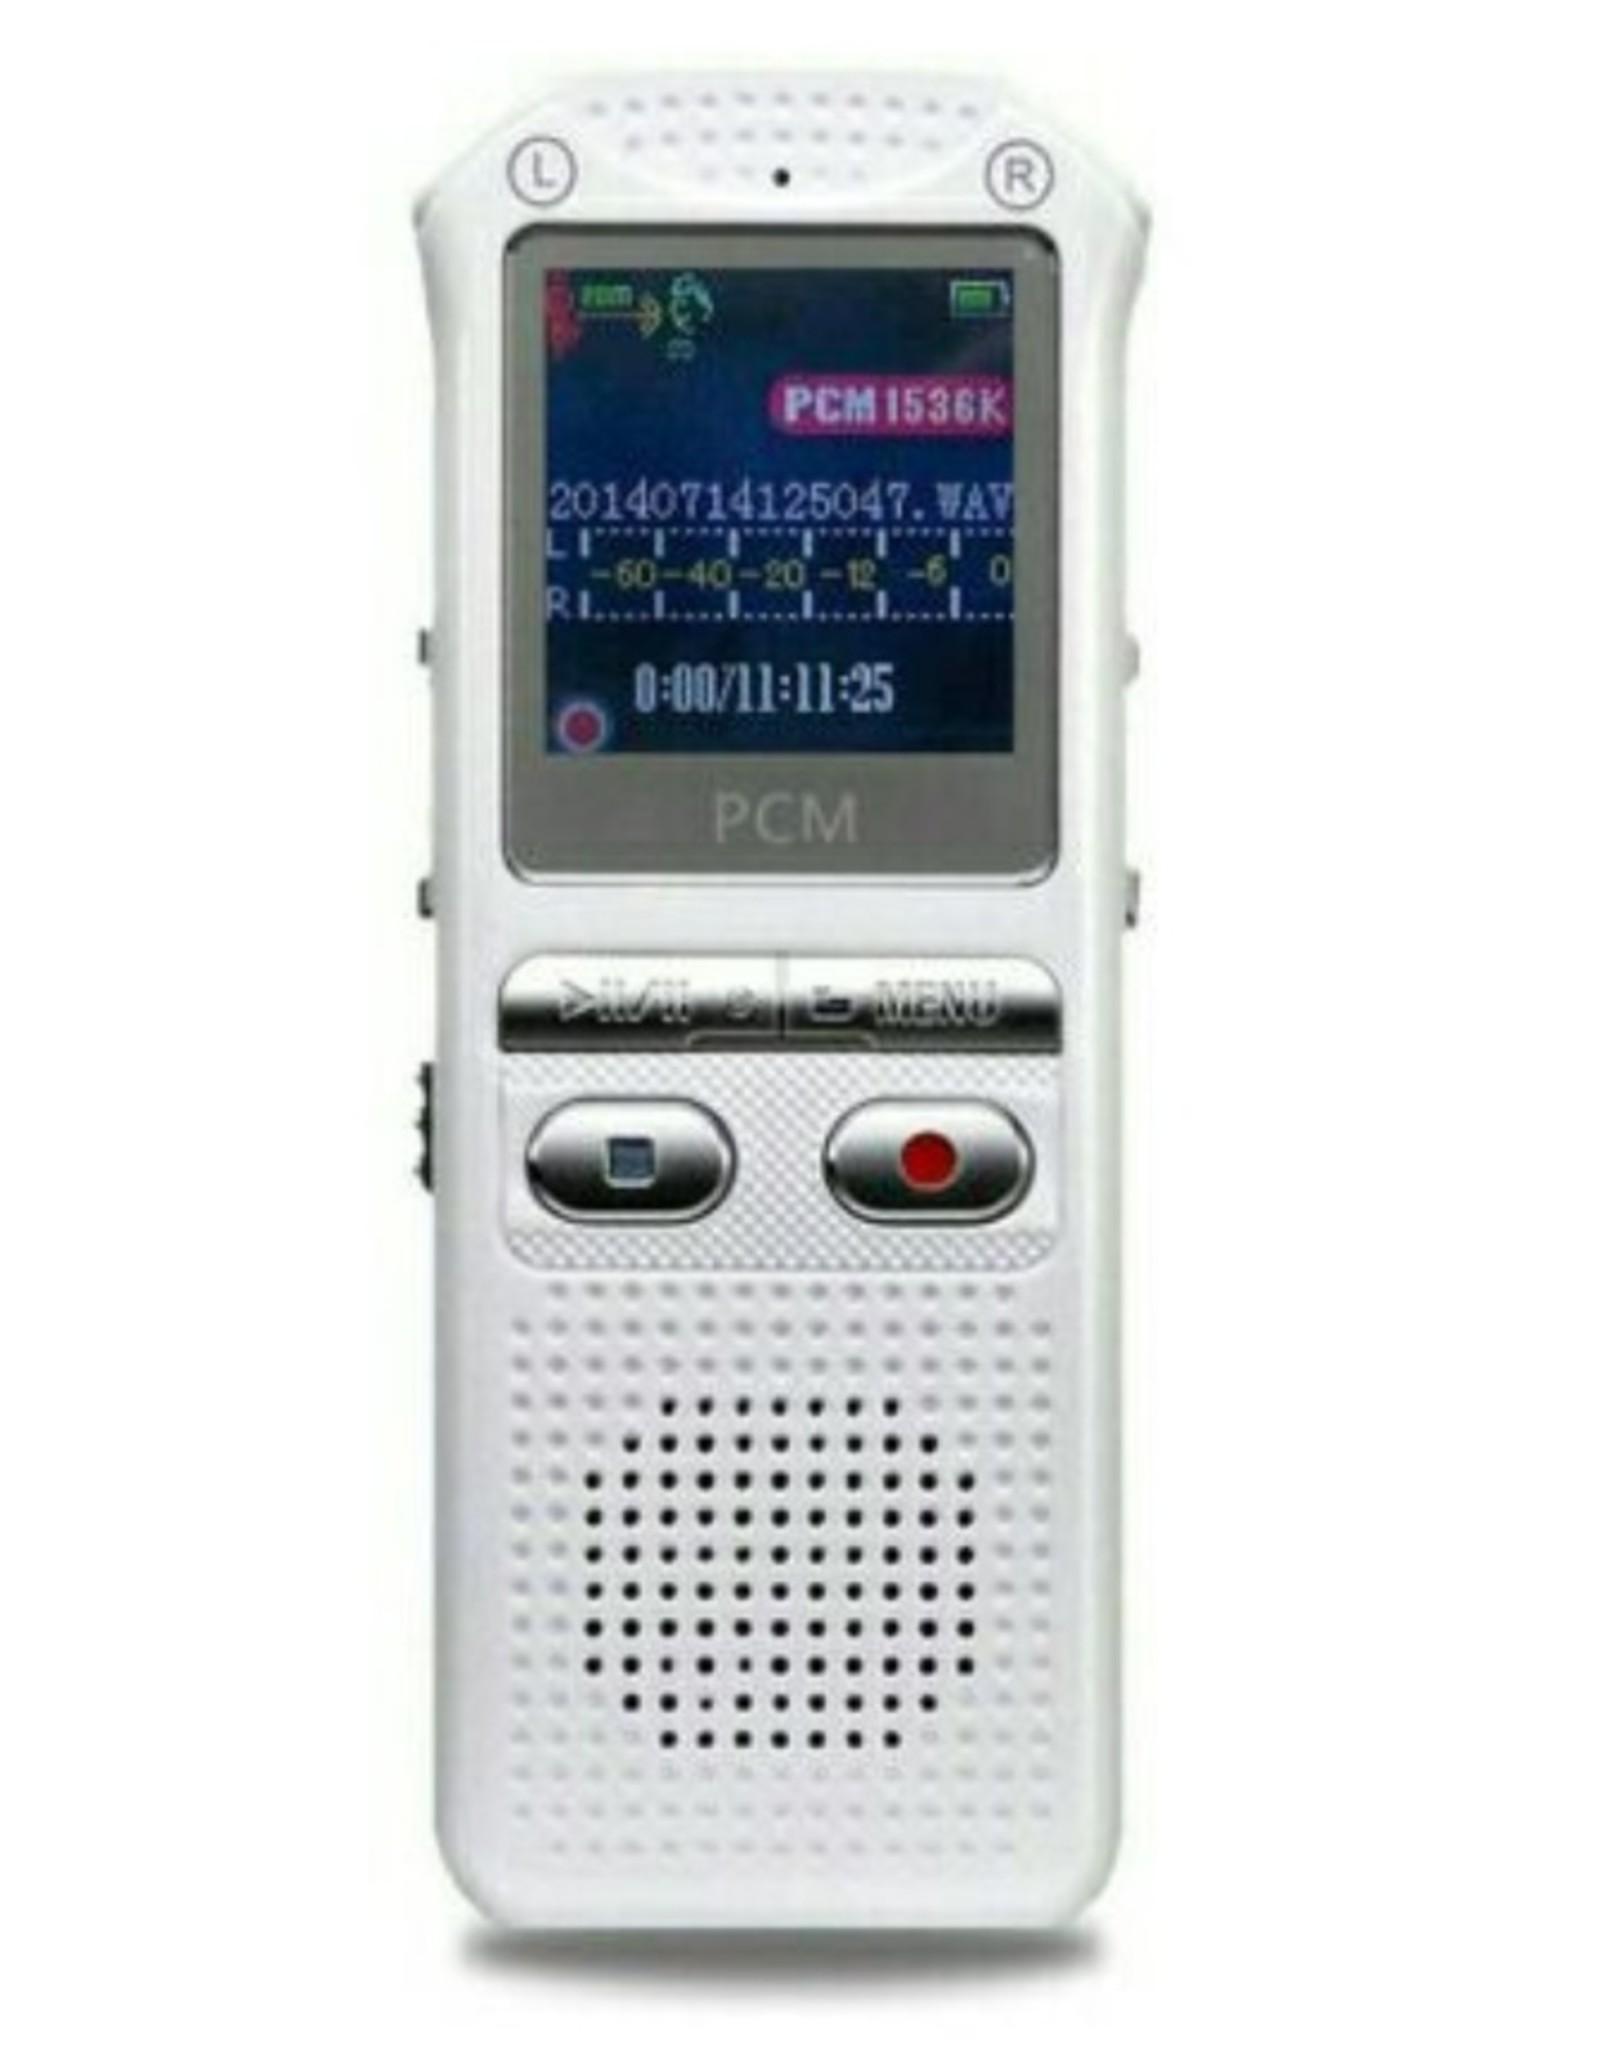 Merkloos audiorecorder 60m, spraakrecorder 16GB, tijdstempel + spraakgestuurd + wachtwoord digitale recorder